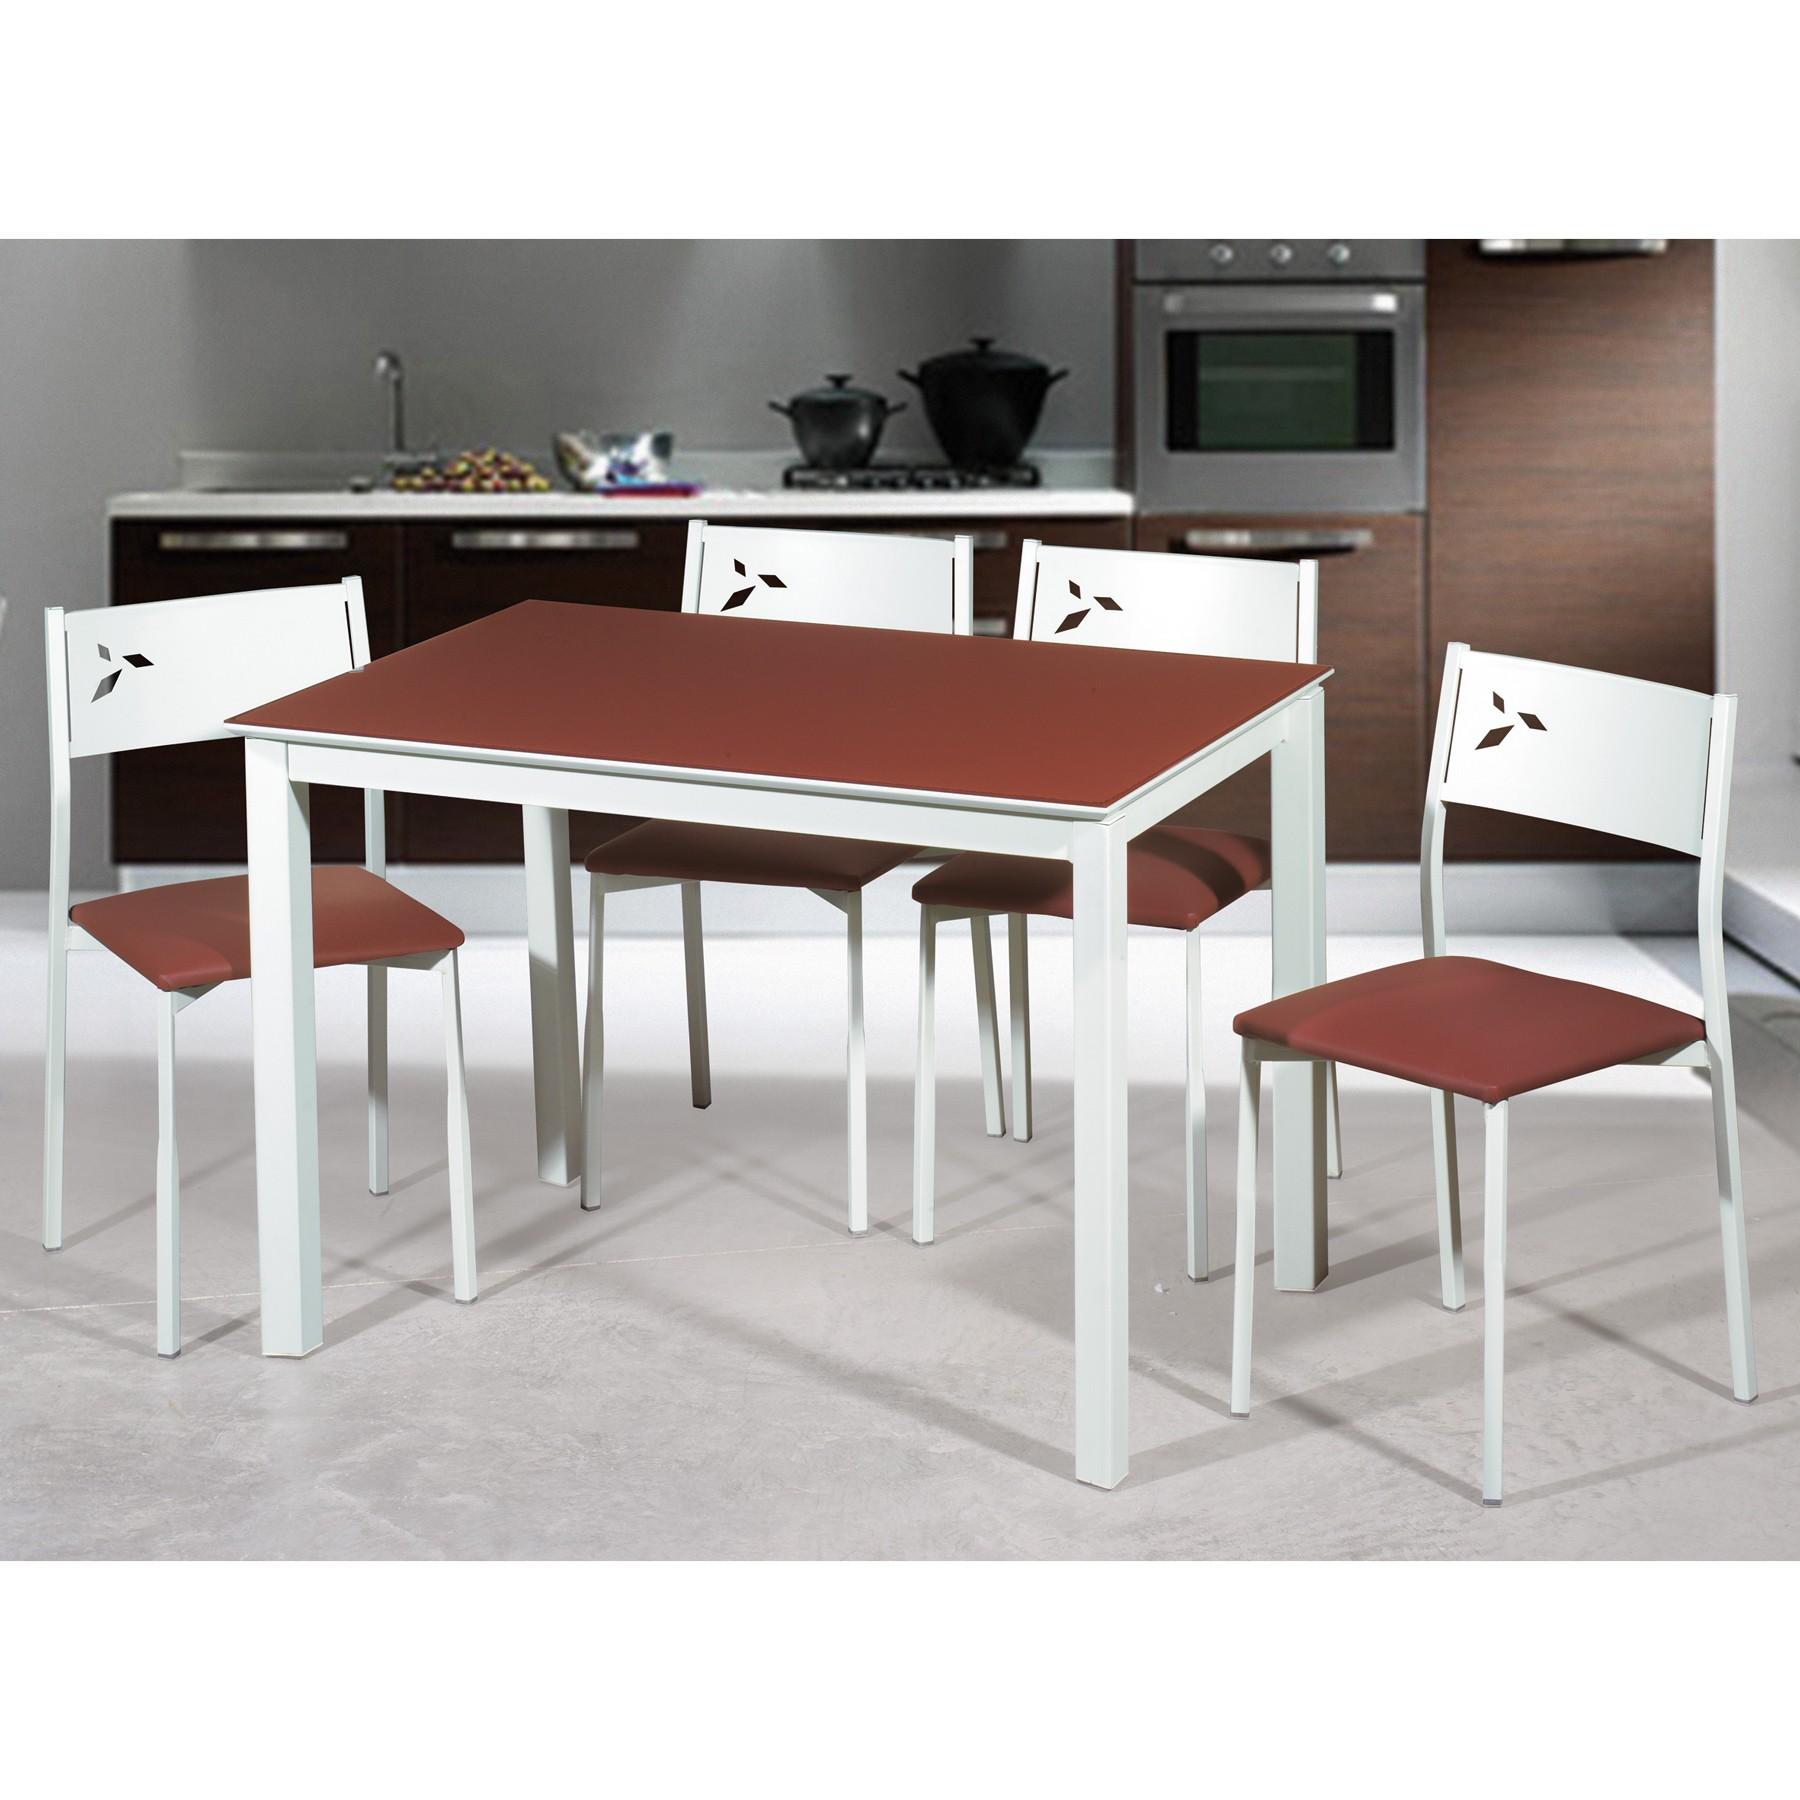 Mesas De Cocina Extensible | Mesa De Cocina Extensible Lateral Blanca White